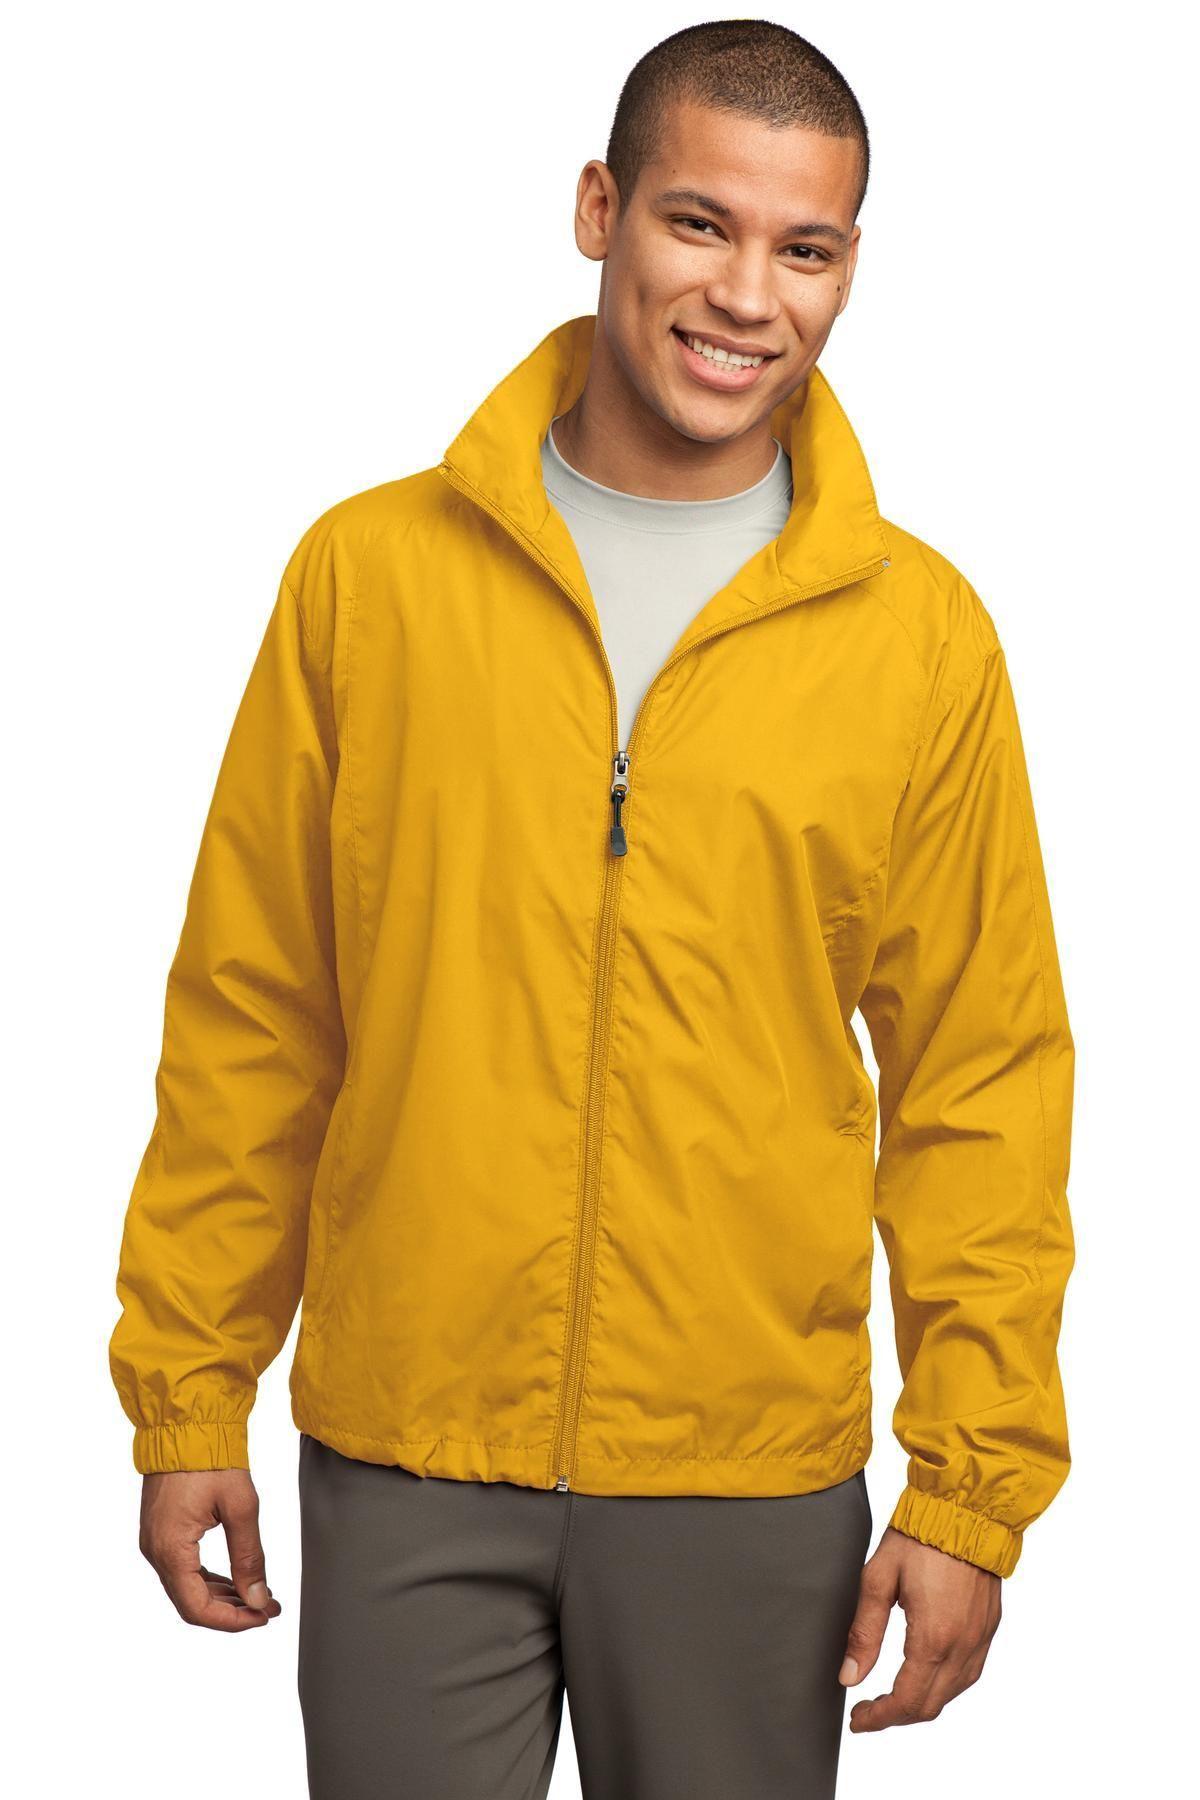 SportTek FullZip Wind Jacket JST70 Gold Products